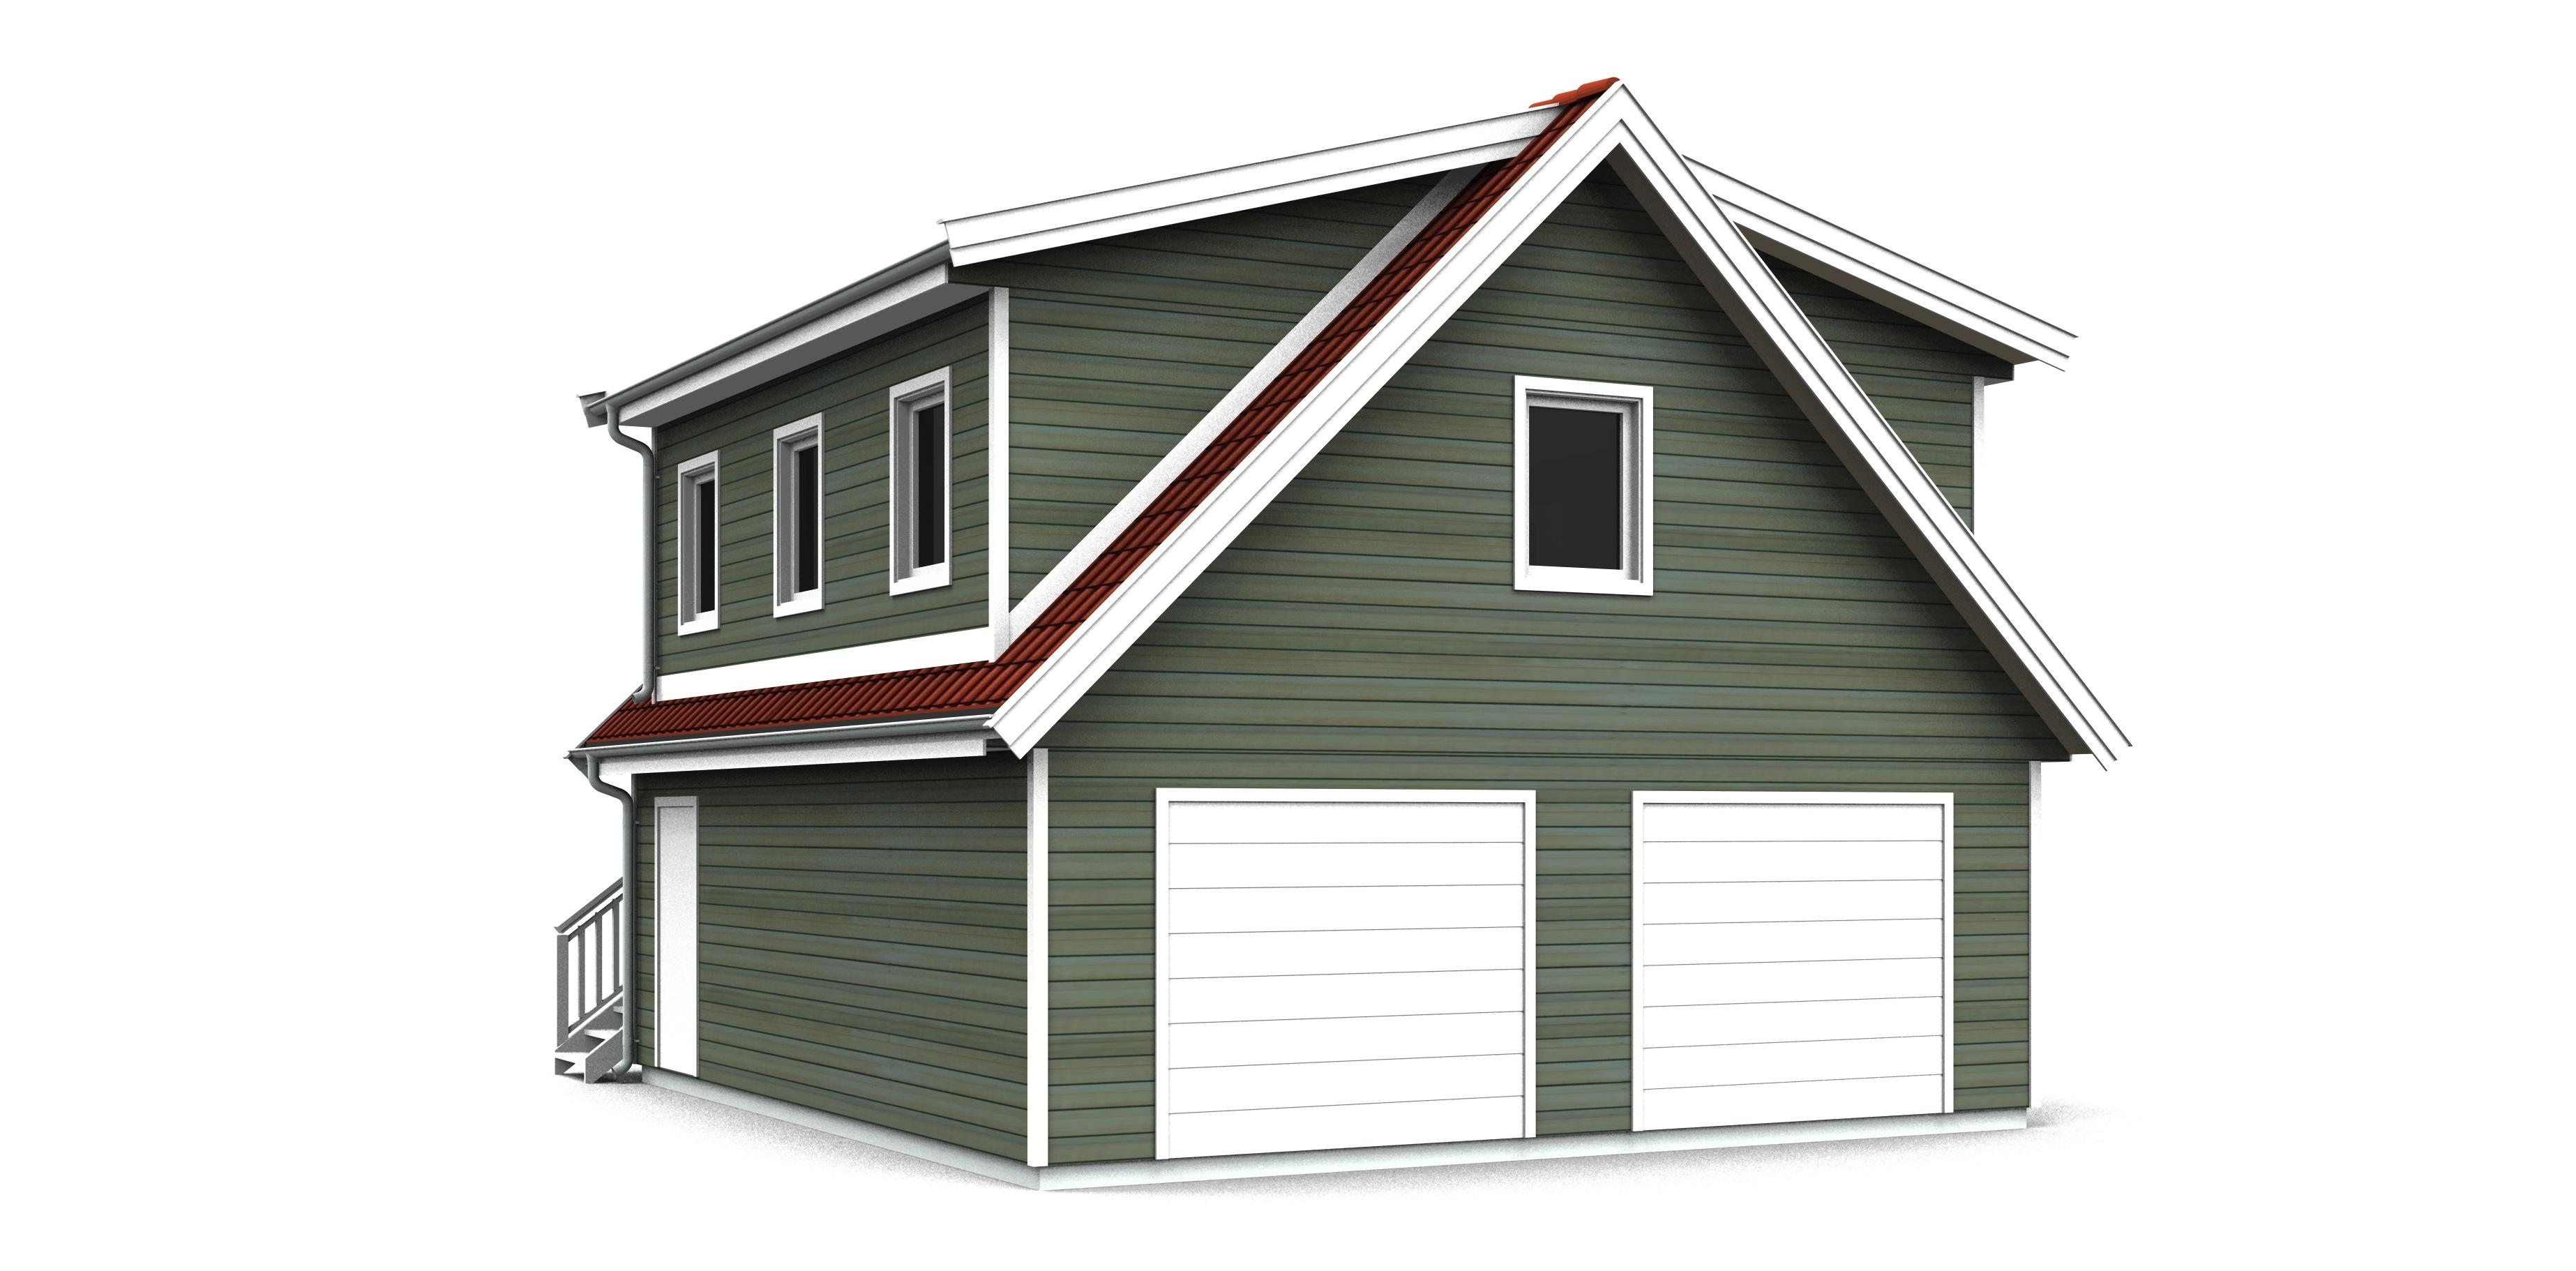 Garage med övervåning / lägenhet 2-plan, port på gavelsidan